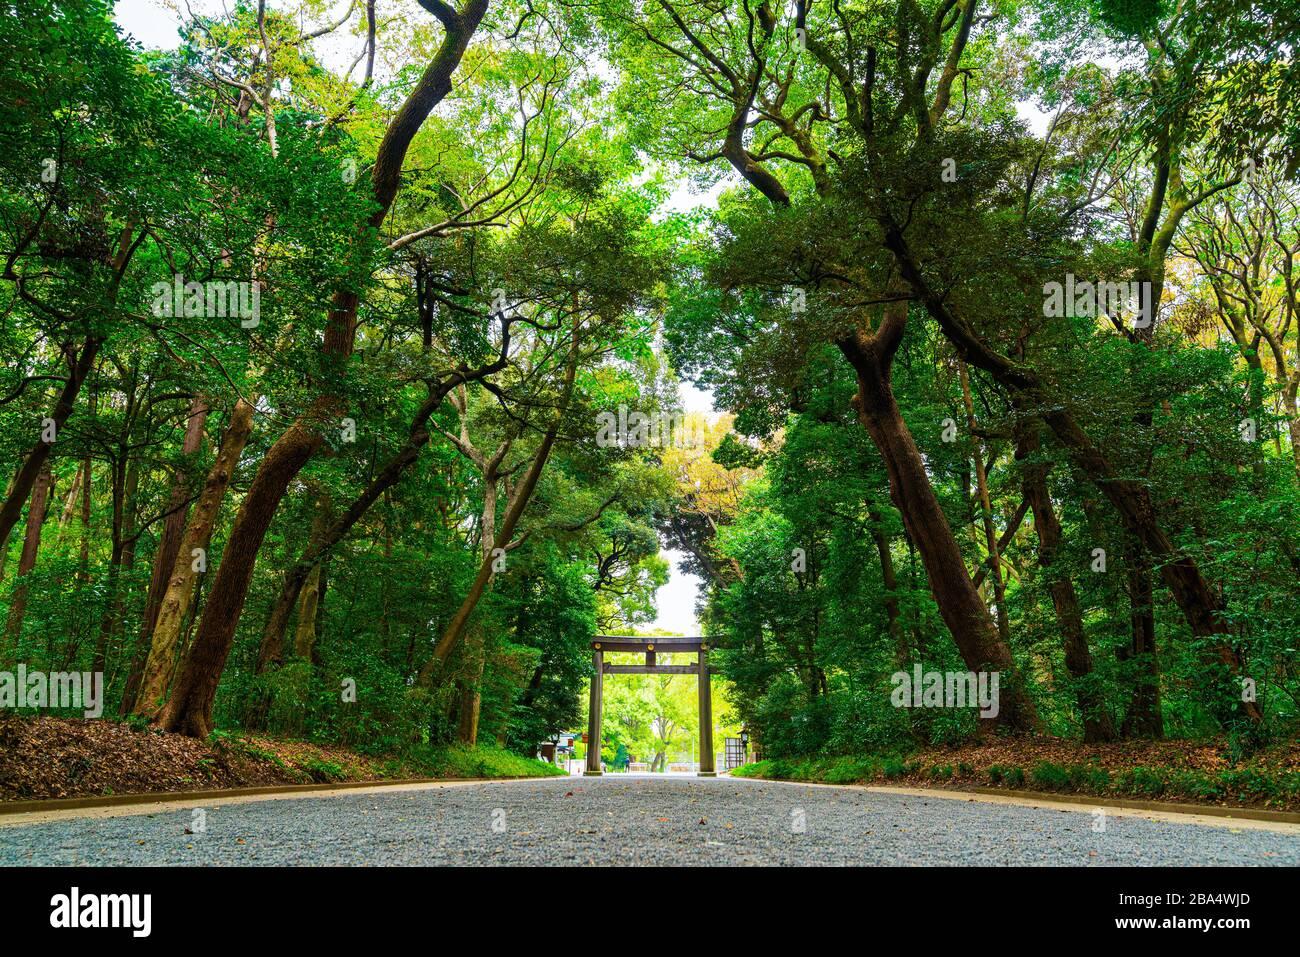 La avenida bordeada de árboles gingko que conduce a la Torii, puerta del santuario de Meiji Jingu, Tokoyo, Japón. Foto de stock